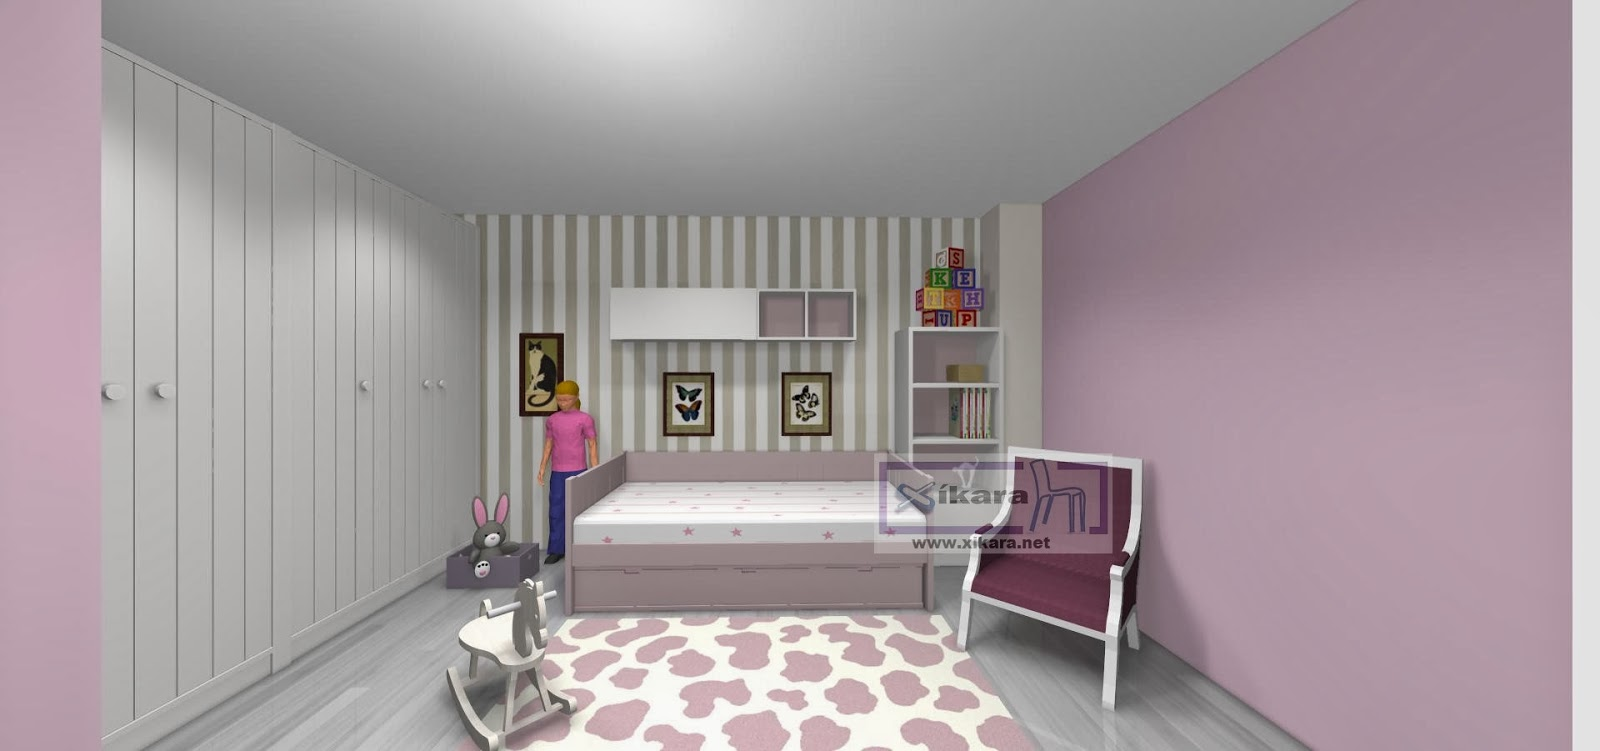 Publicado por xikara muebles en 23 17 - Pintar habitacion juvenil nina ...